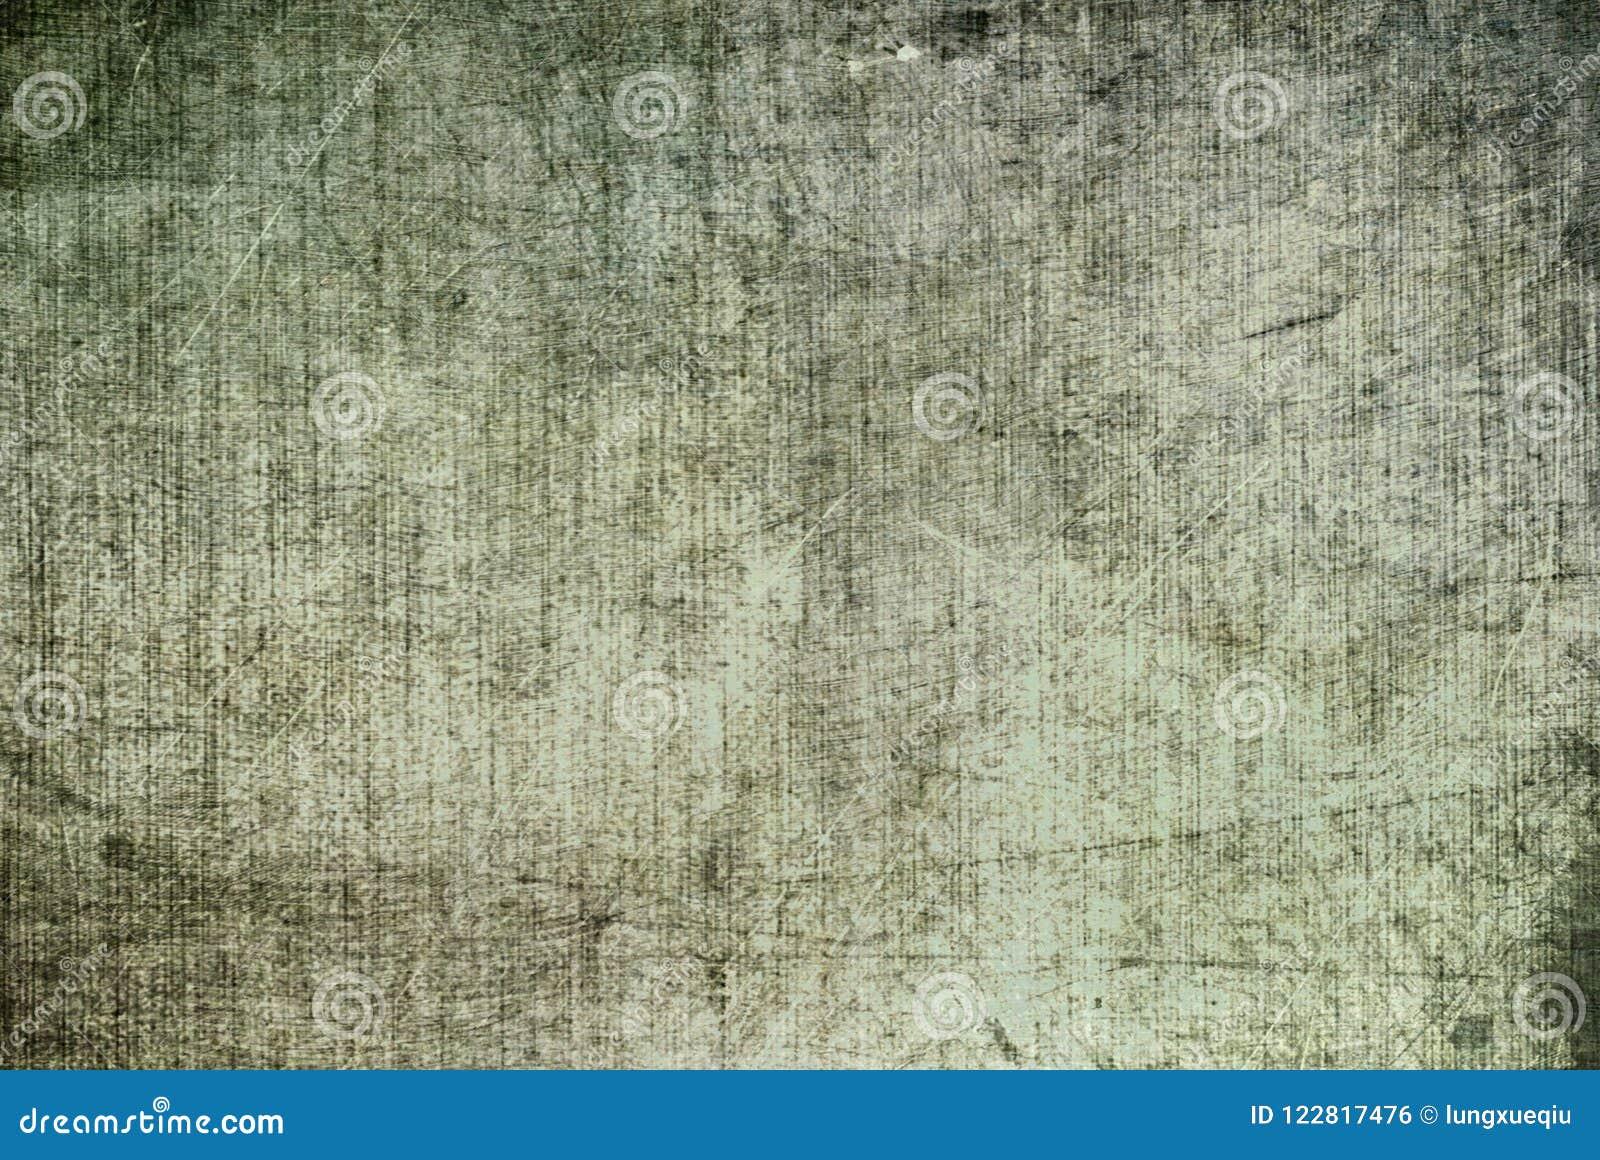 El Grunge Grey Black White Rusty Distorted oscuro decae el modelo de pintura de la textura de la vieja lona del extracto para Aut